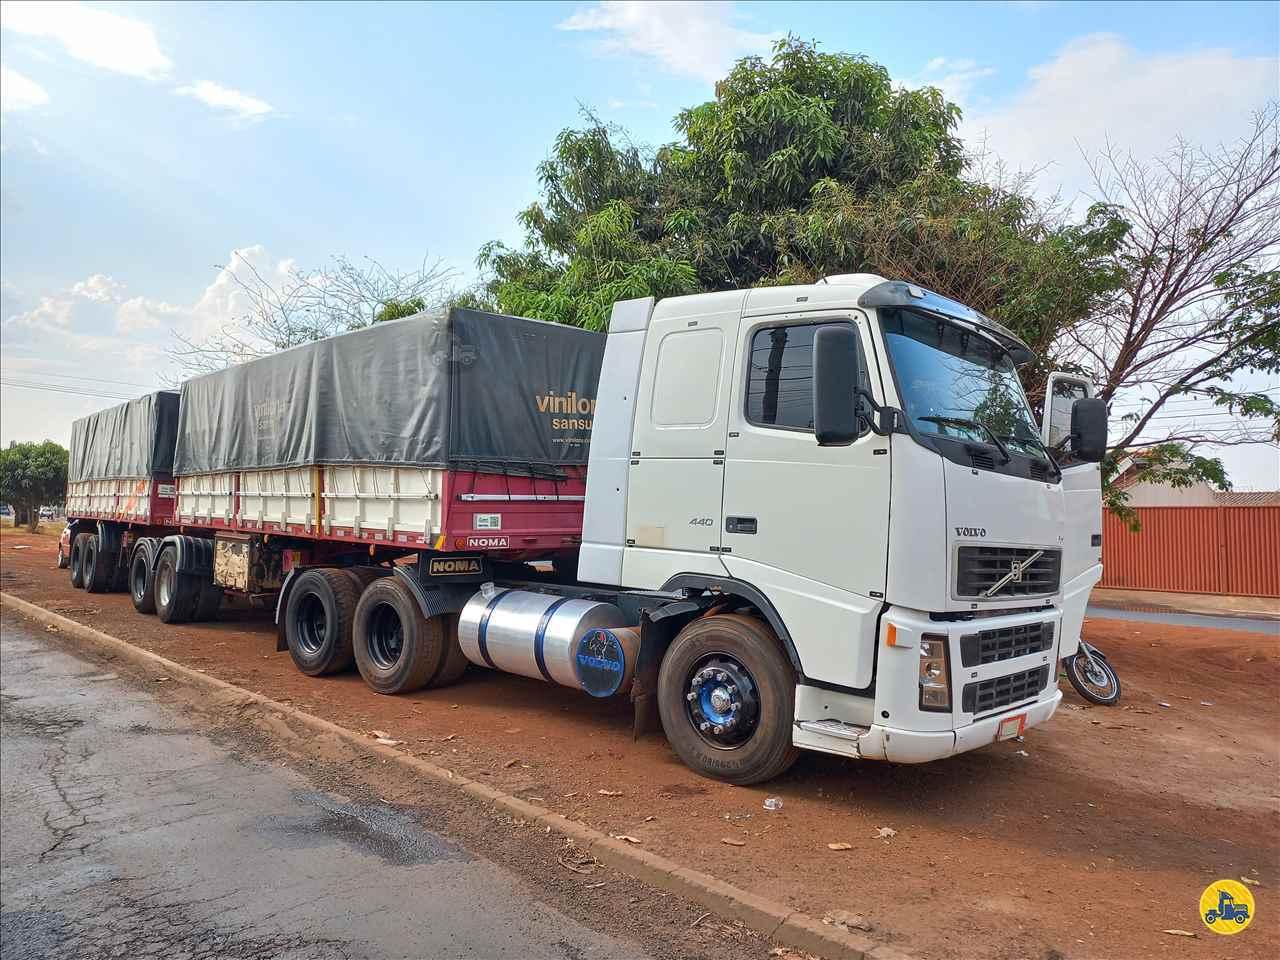 CAMINHAO VOLVO VOLVO FH 440 Cavalo Mecânico Truck 6x2 André Caminhões RIO VERDE GOIAS GO